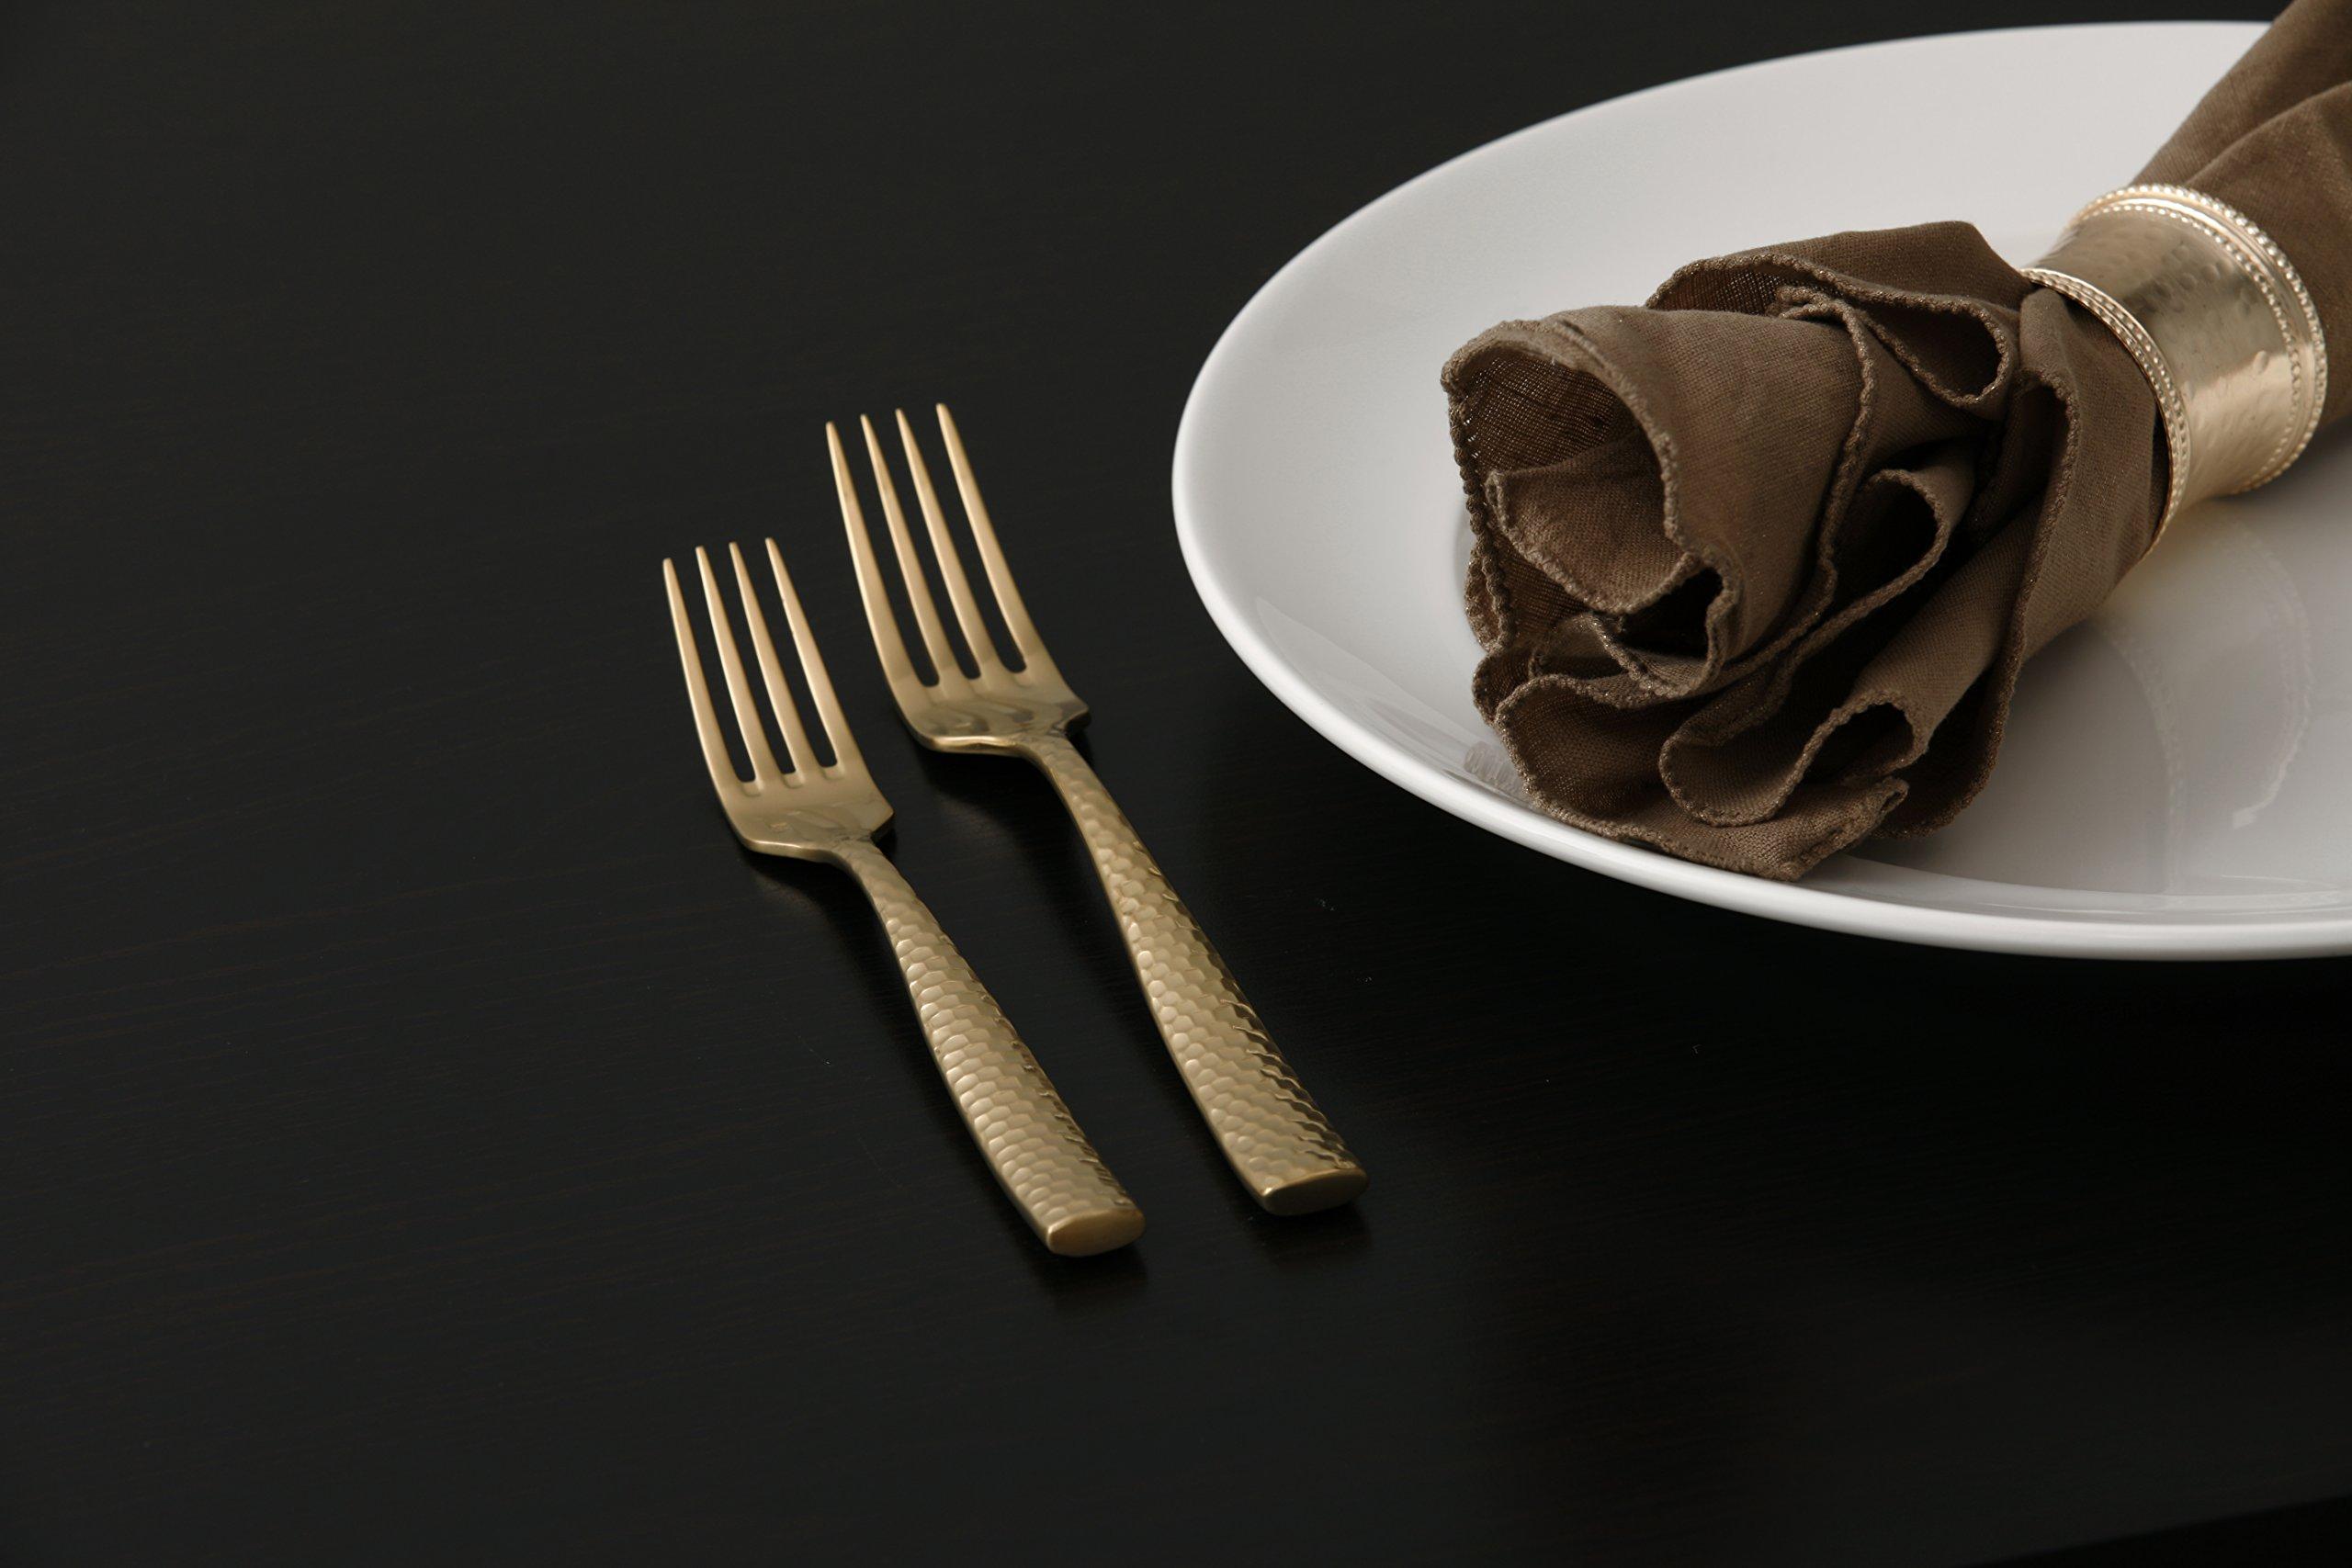 Fortessa Lucca Faceted 18/10 Stainless Steel Flatware, Salad/Dessert Fork, 7'', Set of 12, Brushed Gold